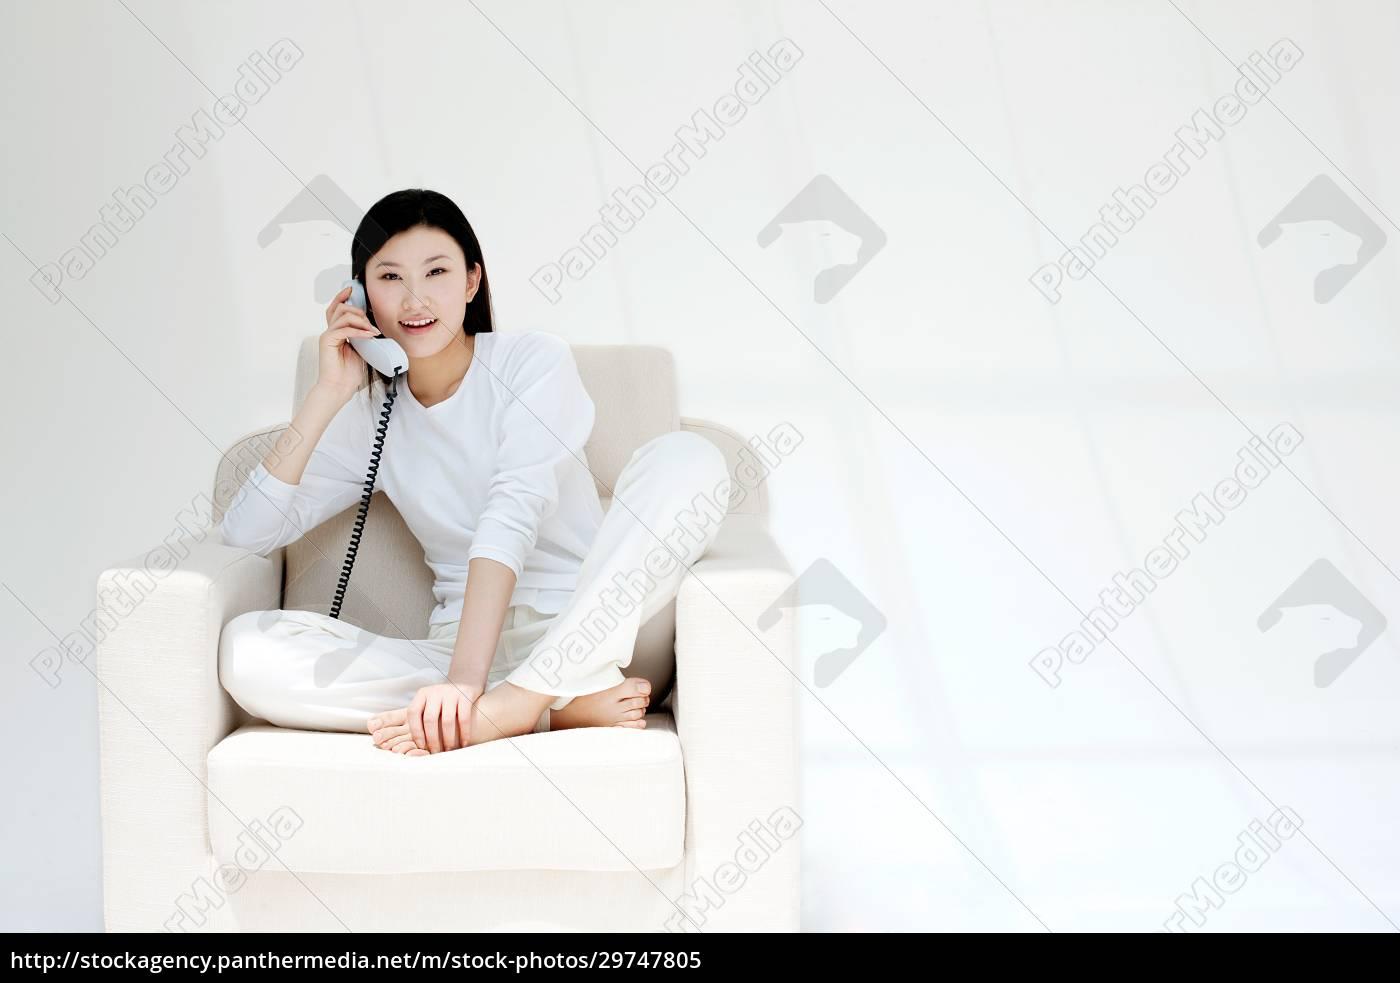 vida, feliz, em, casa - 29747805